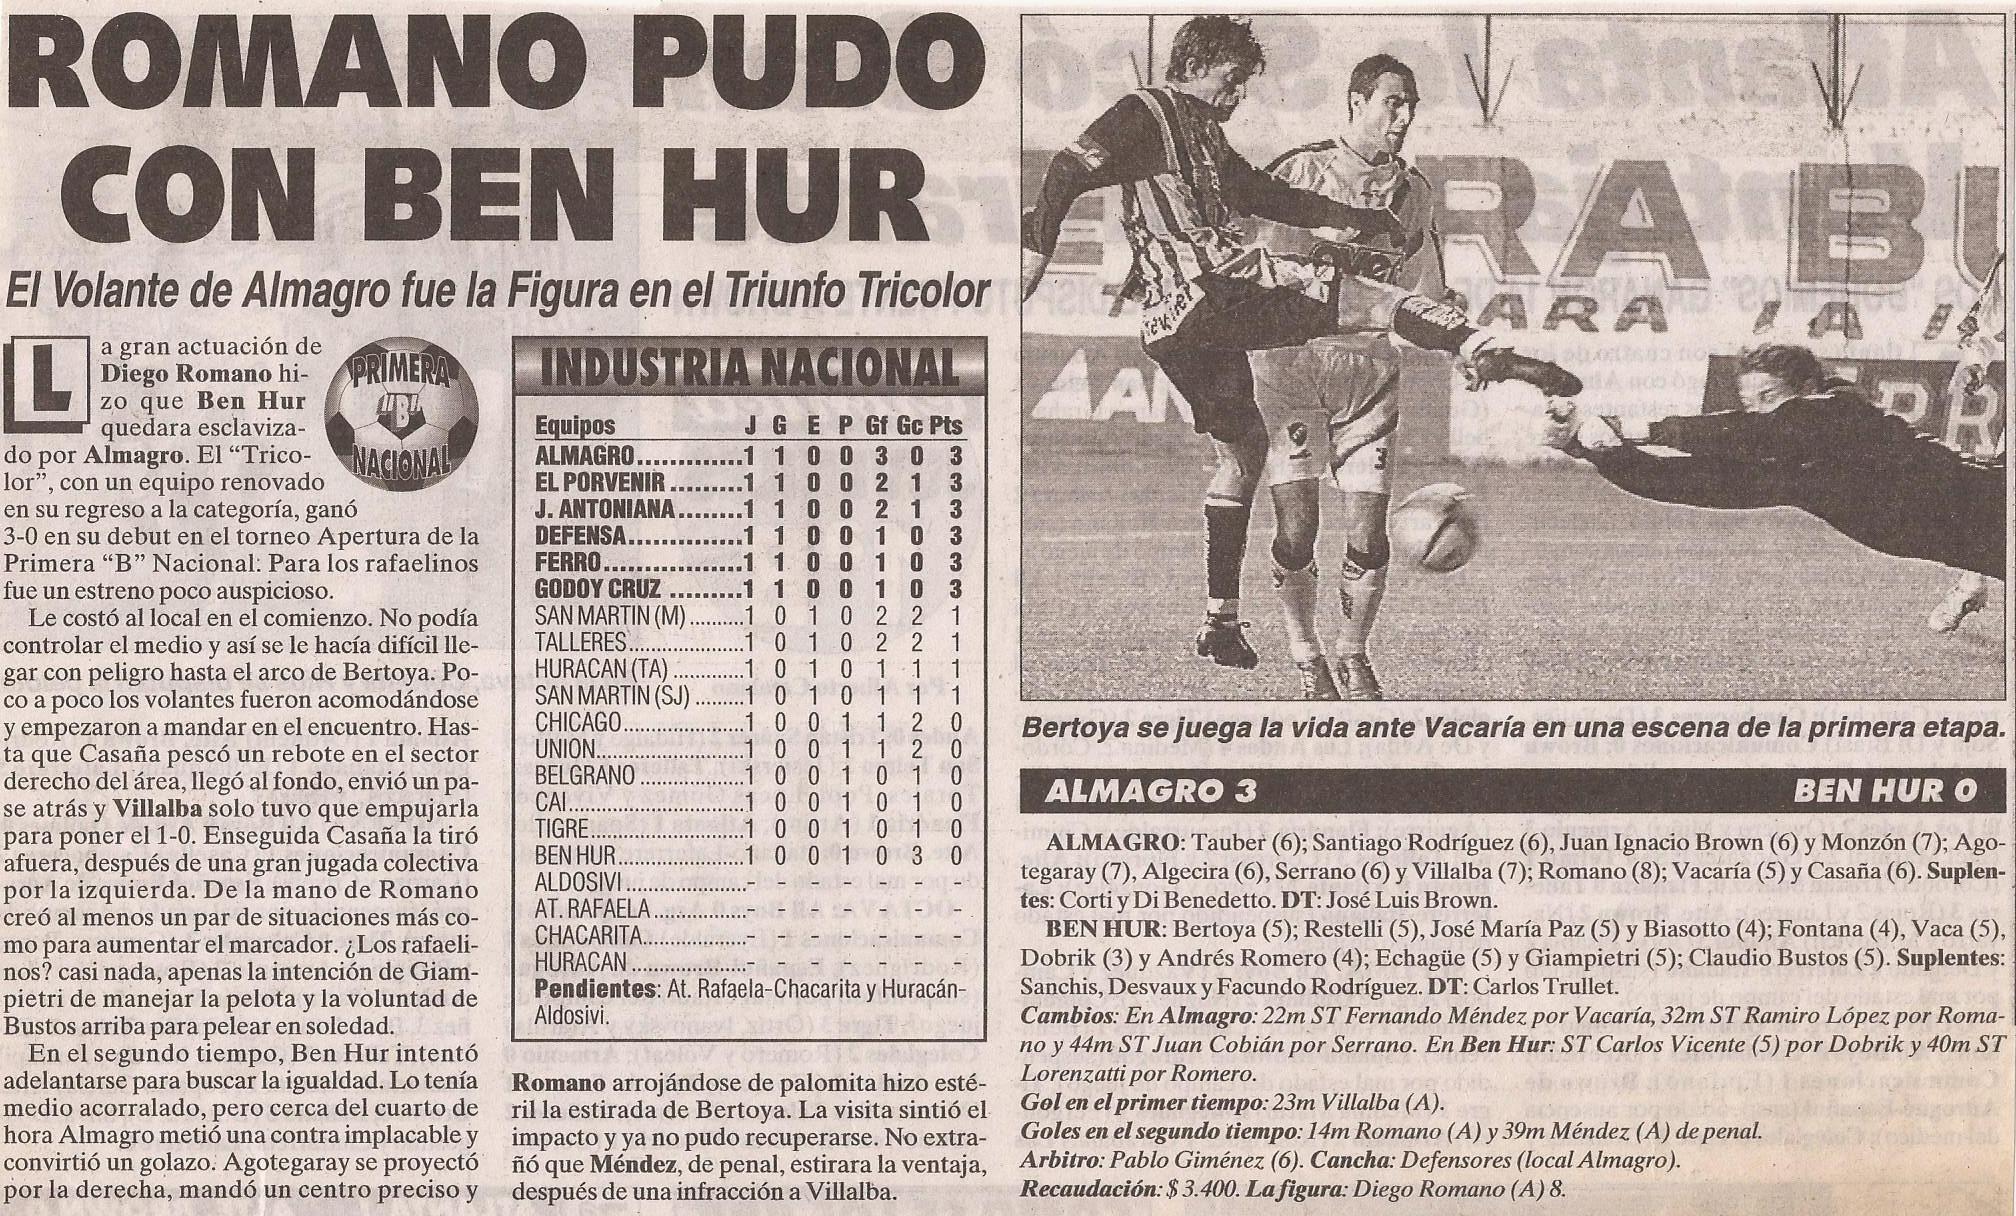 2005-06 Nacional B - Almagro vs Ben Hur - Diario Cronica